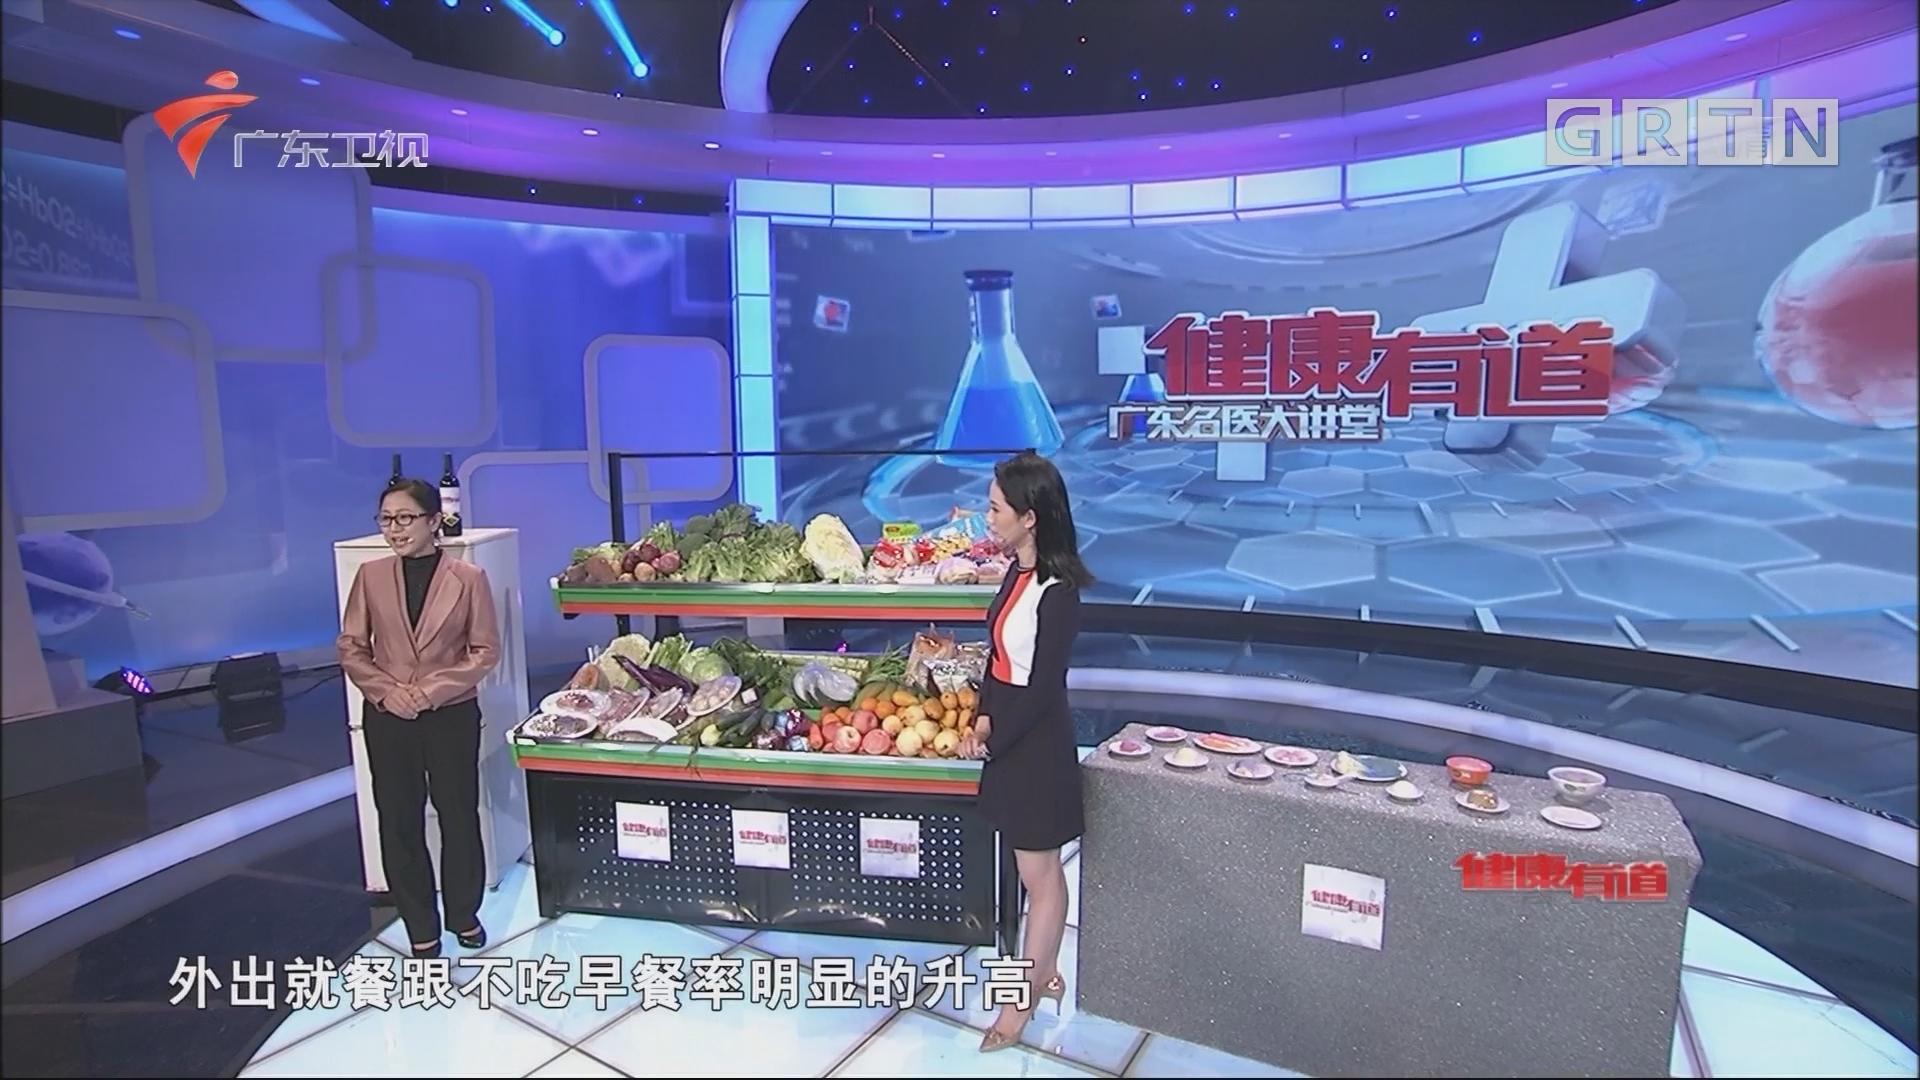 [HD][2017-05-26]健康有道:本期主题——装满健康的菜篮子